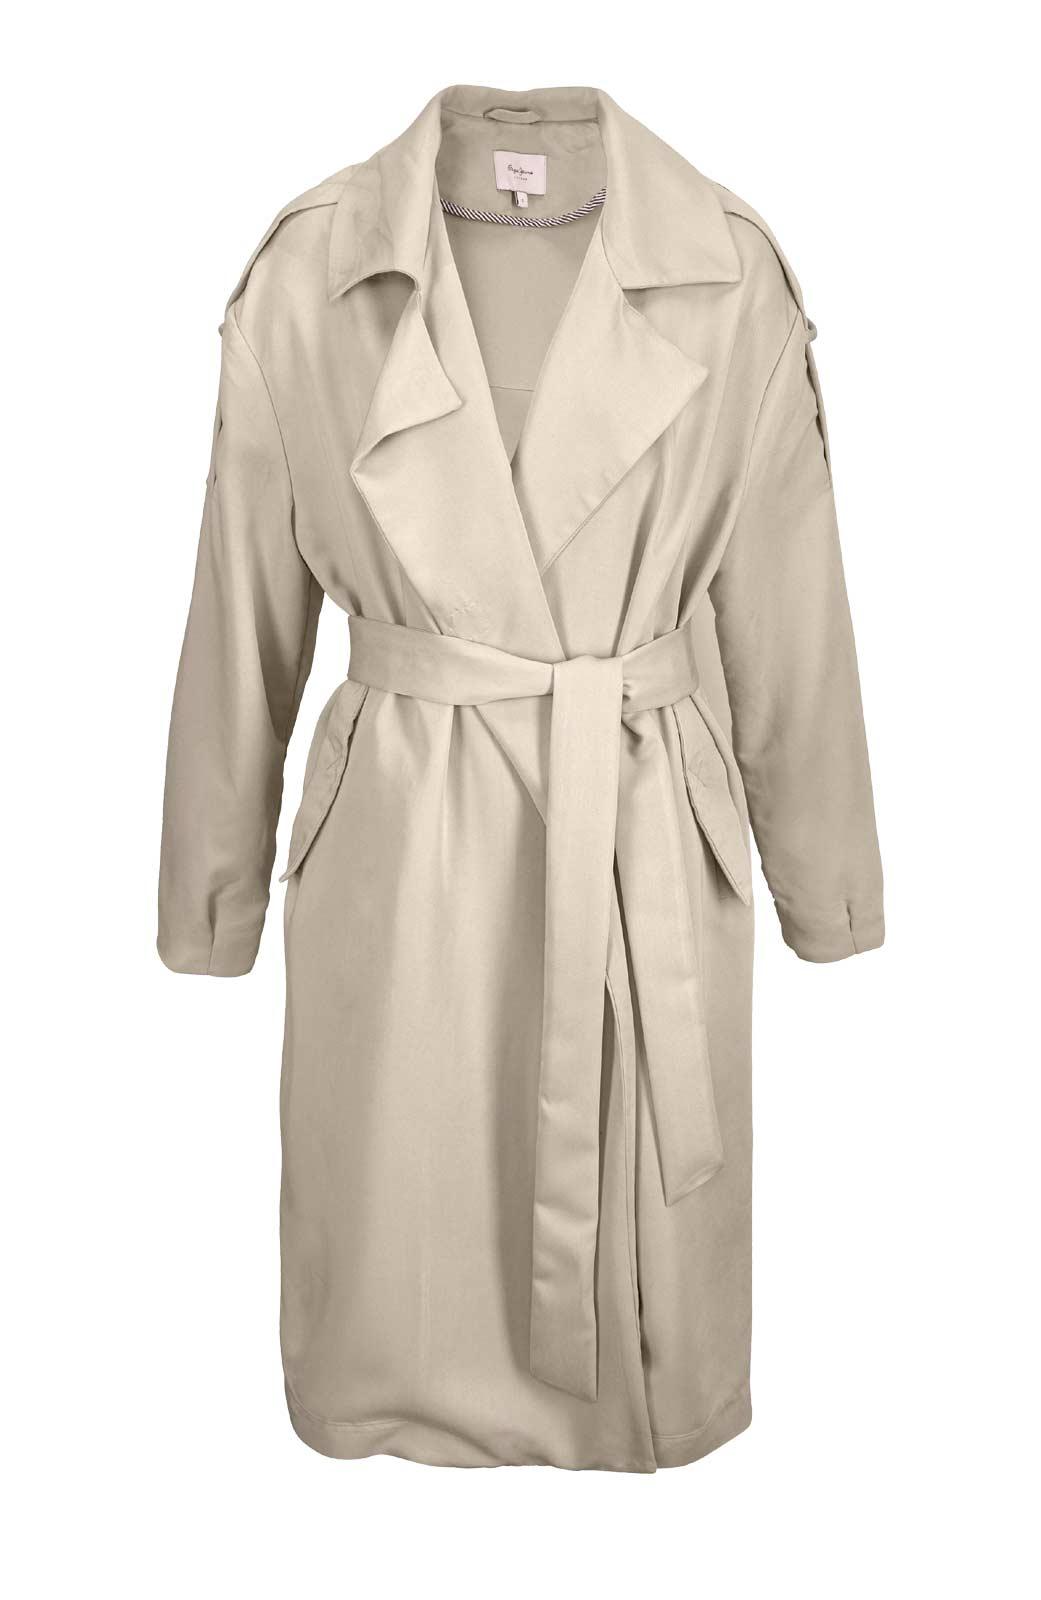 Damenmäntel Frühjahr 2021 Übergangsmantel kurz Damen Trenchcoat Damen beige Frühlingsmantel Pepe Jeans 877.581 Missforty